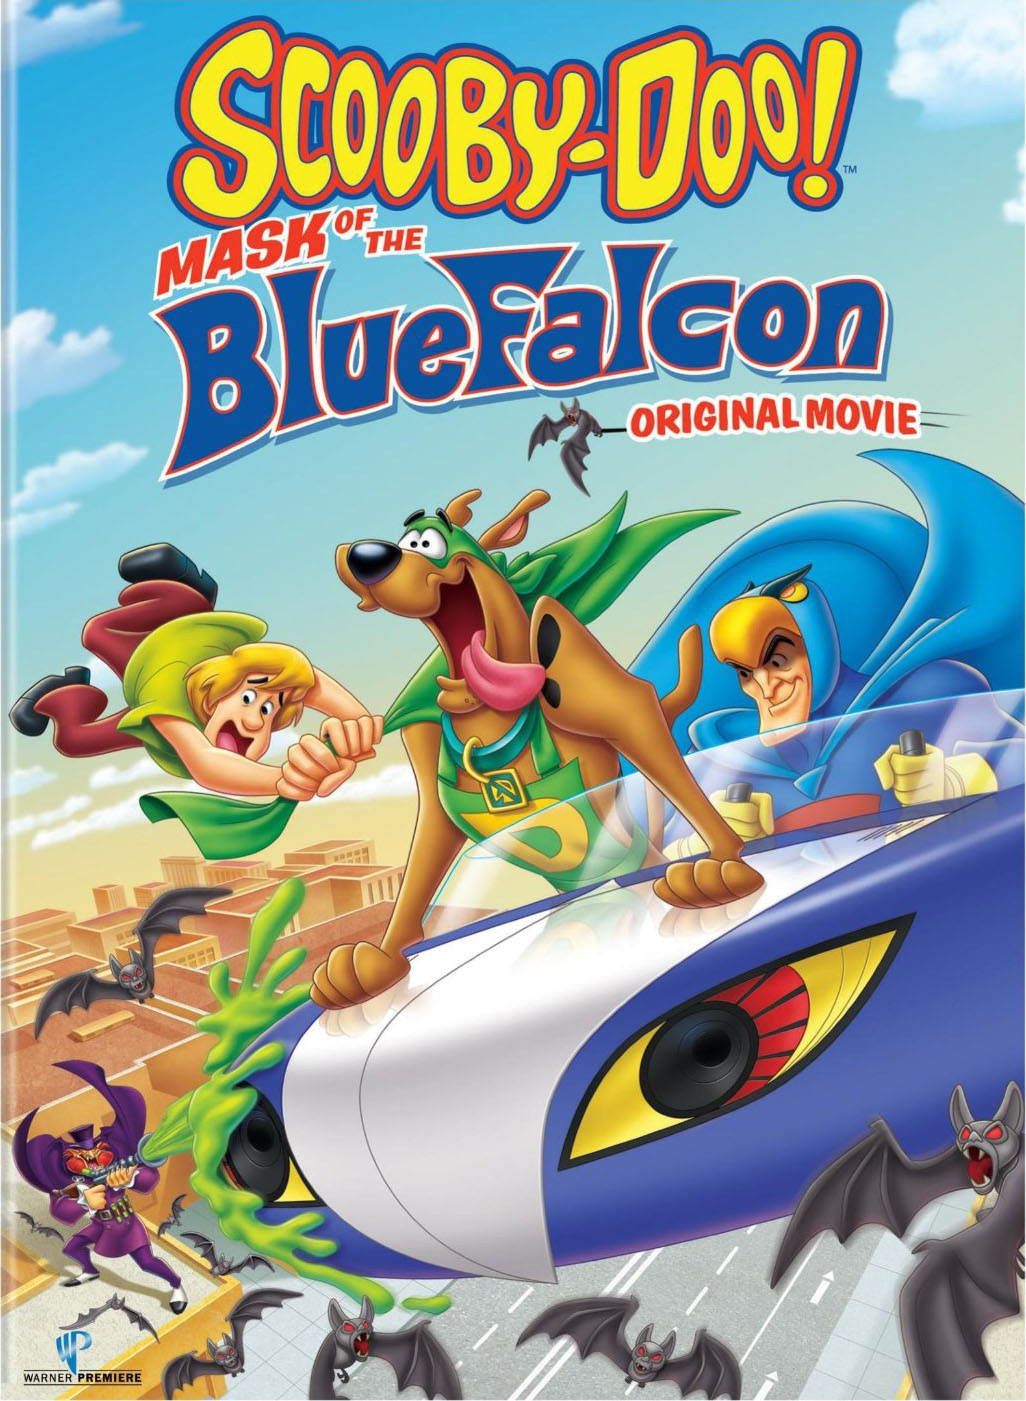 affiche du film Scooby-Doo: Blue Falcon, le retour